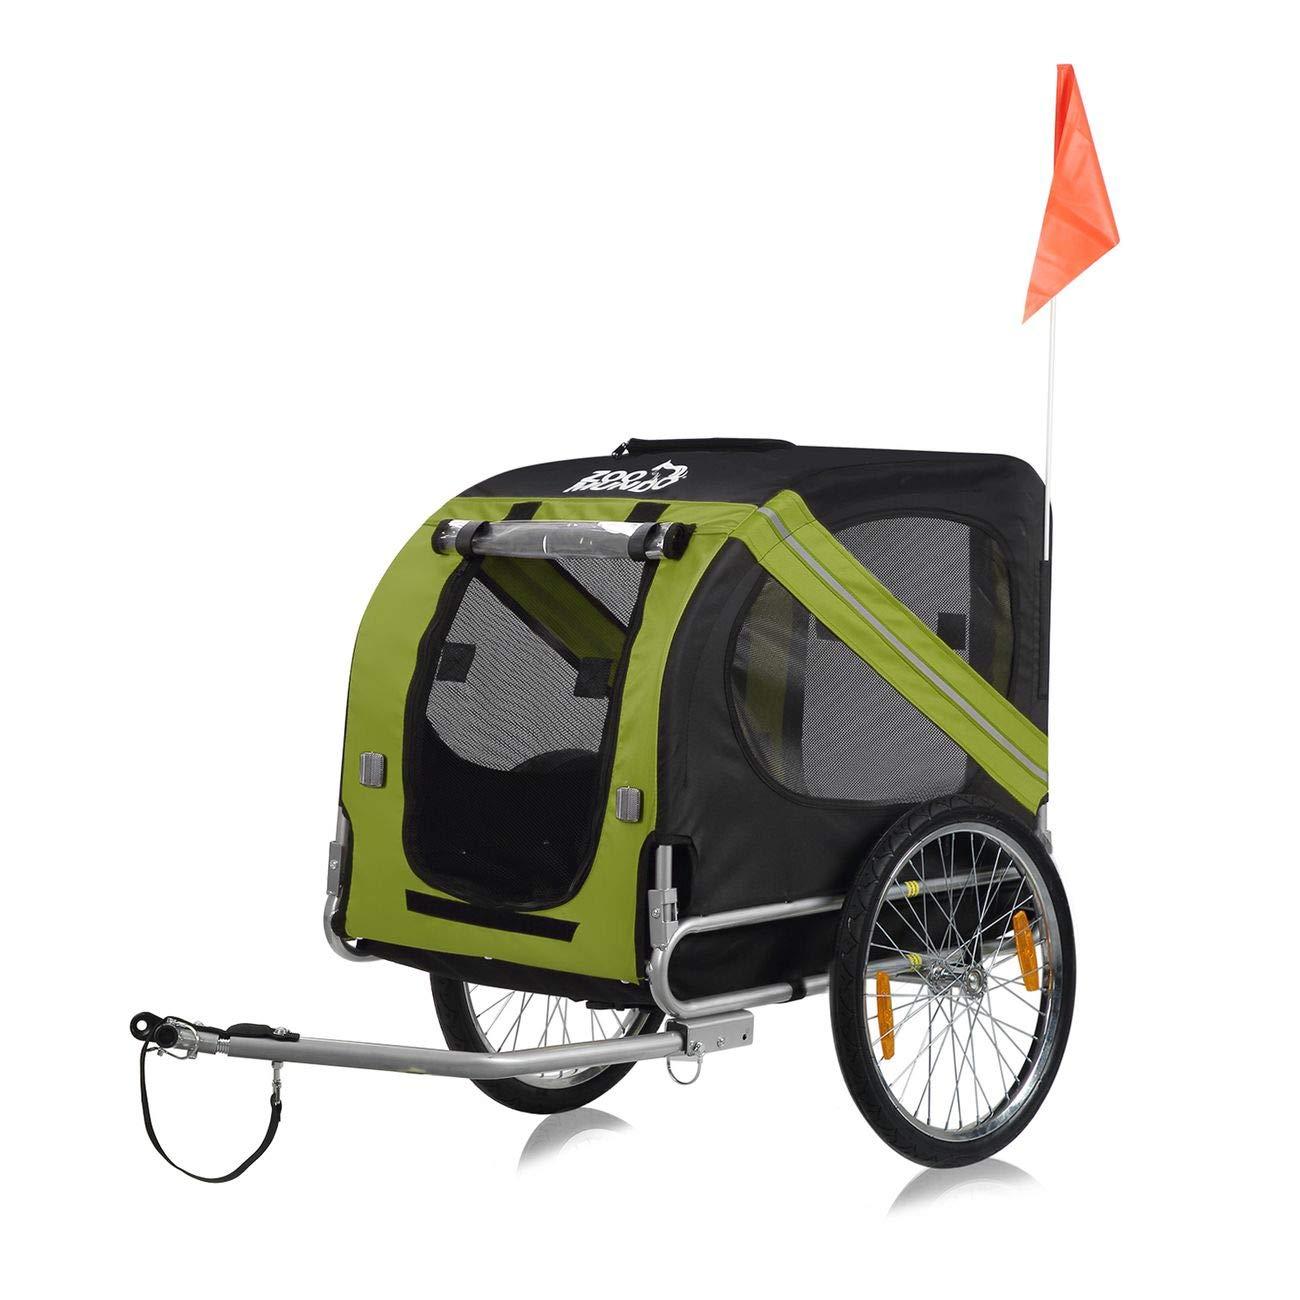 zoomundo Remolque Bicicleta Perros Transporte Carro en Verde/Negro ...